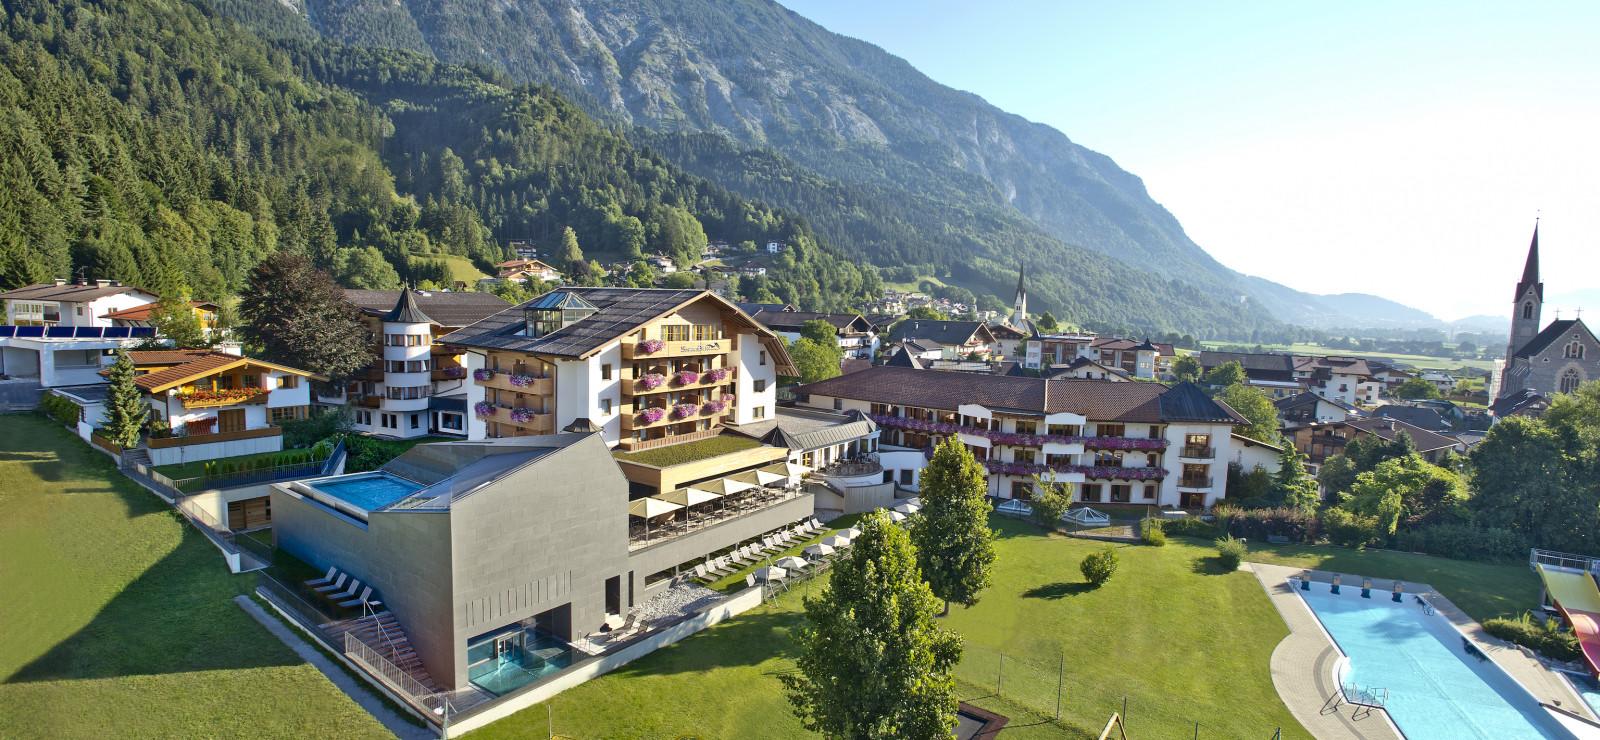 Hotel Schwarzbrunn Bilder | Bild 1